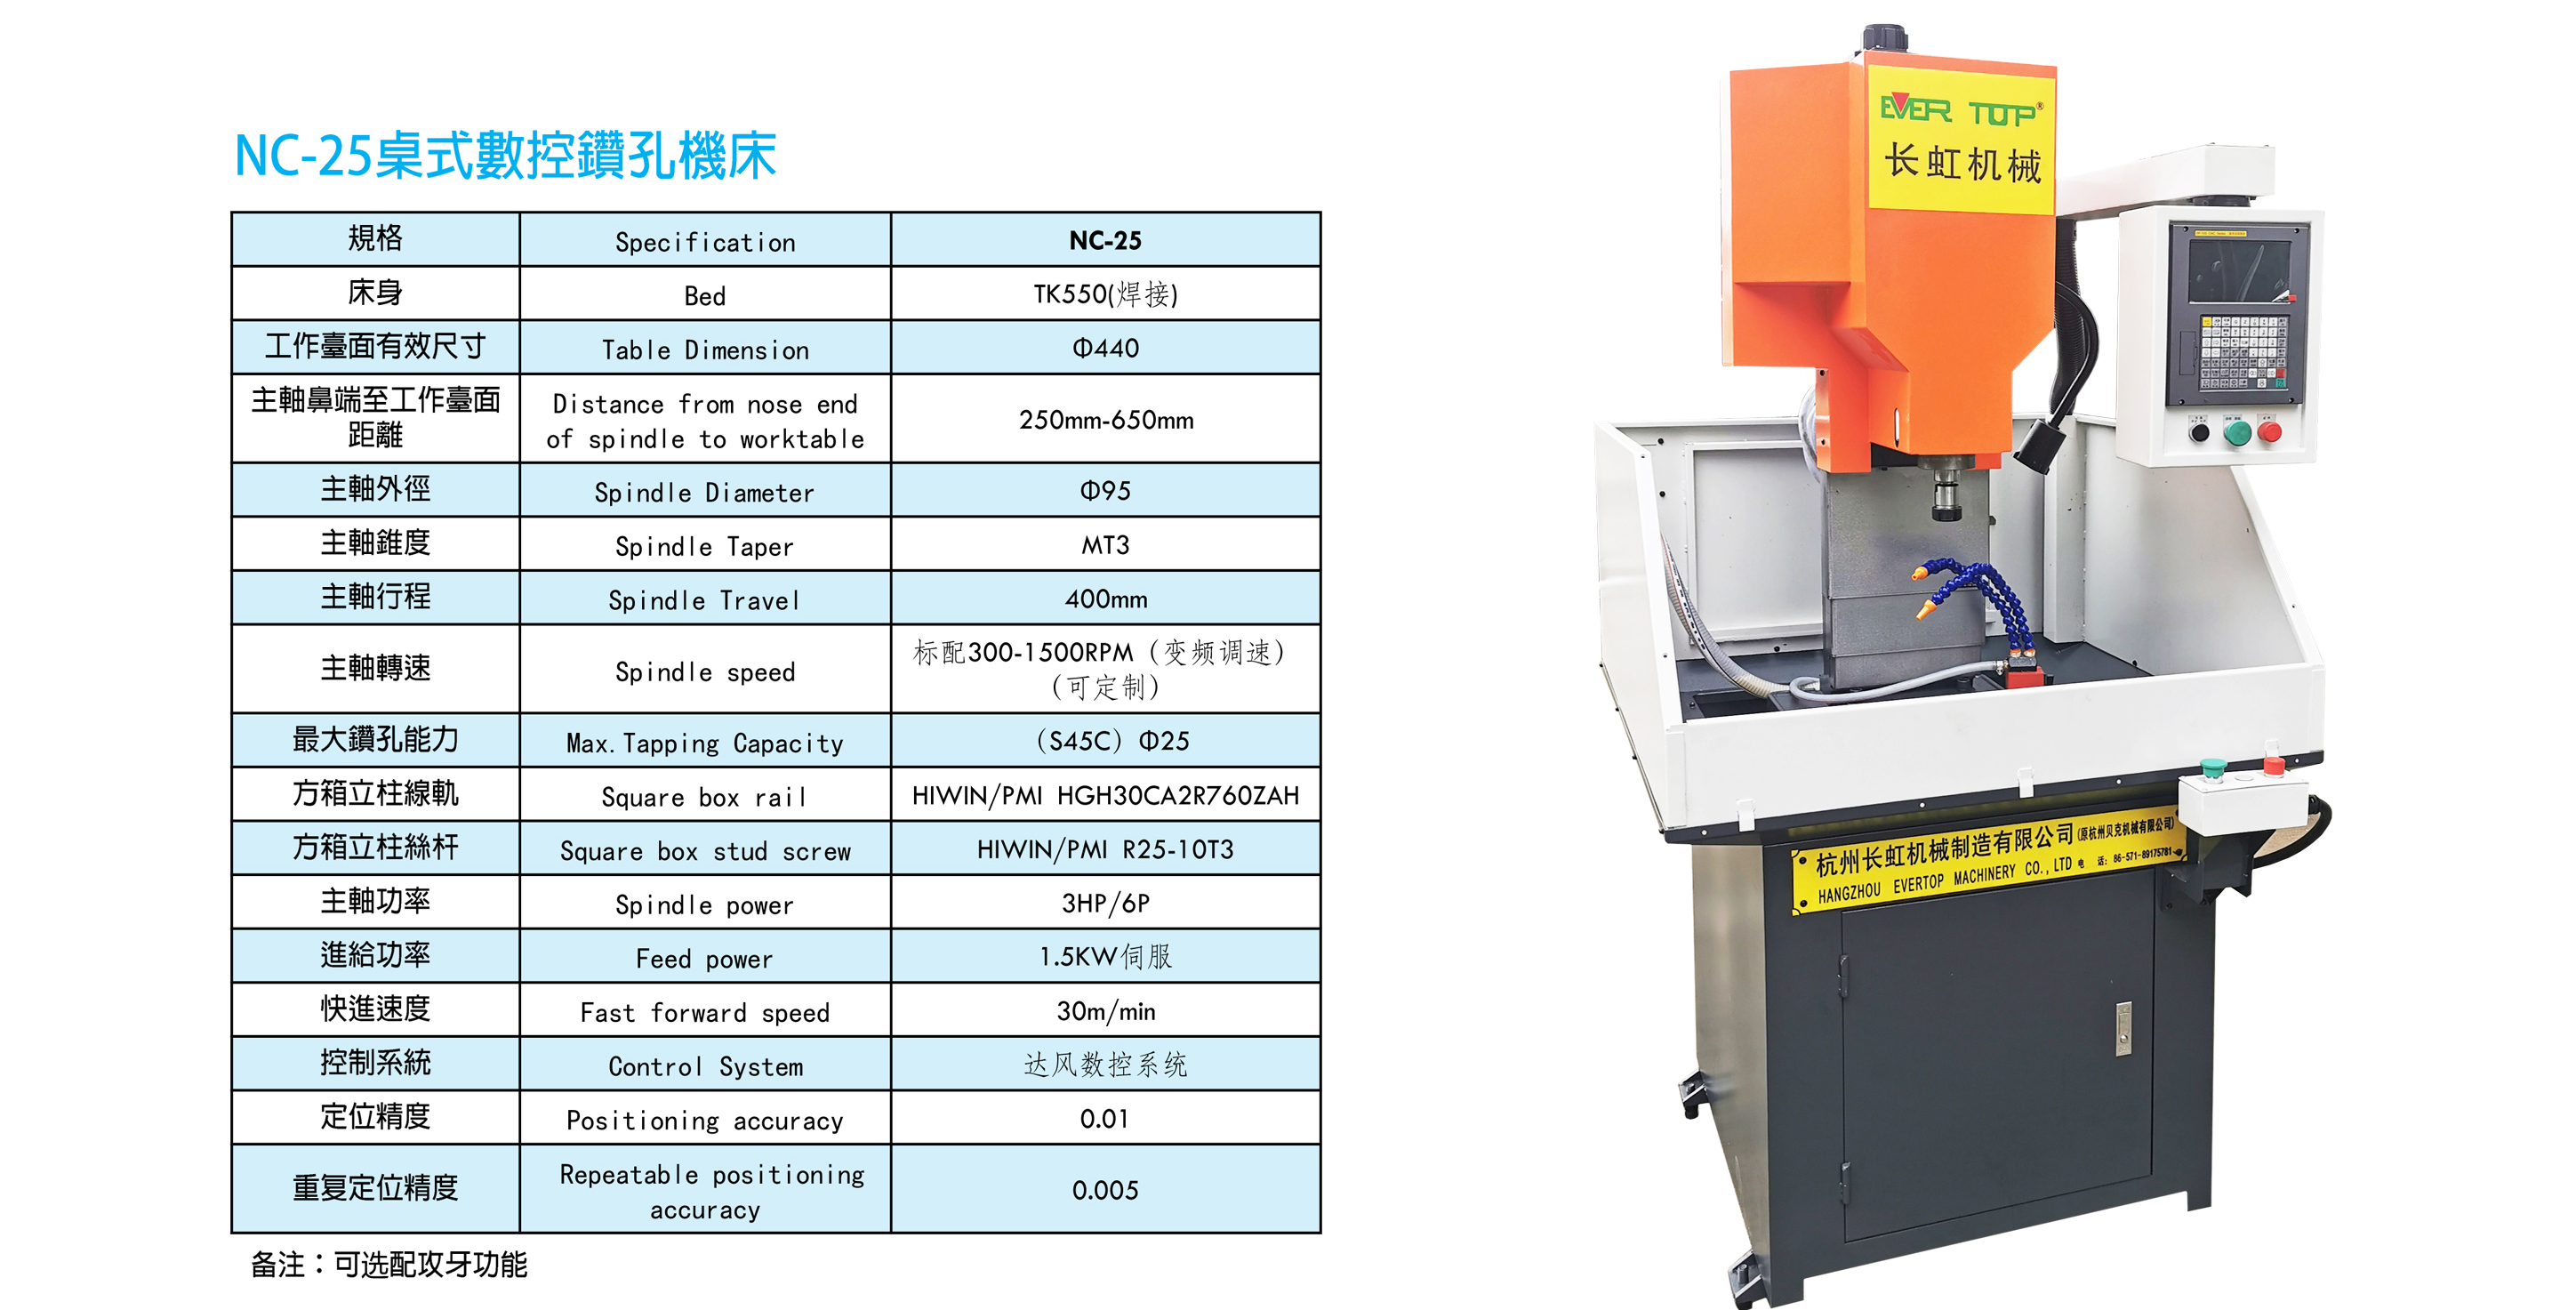 NC-25桌式伺服钻孔机床(图1)